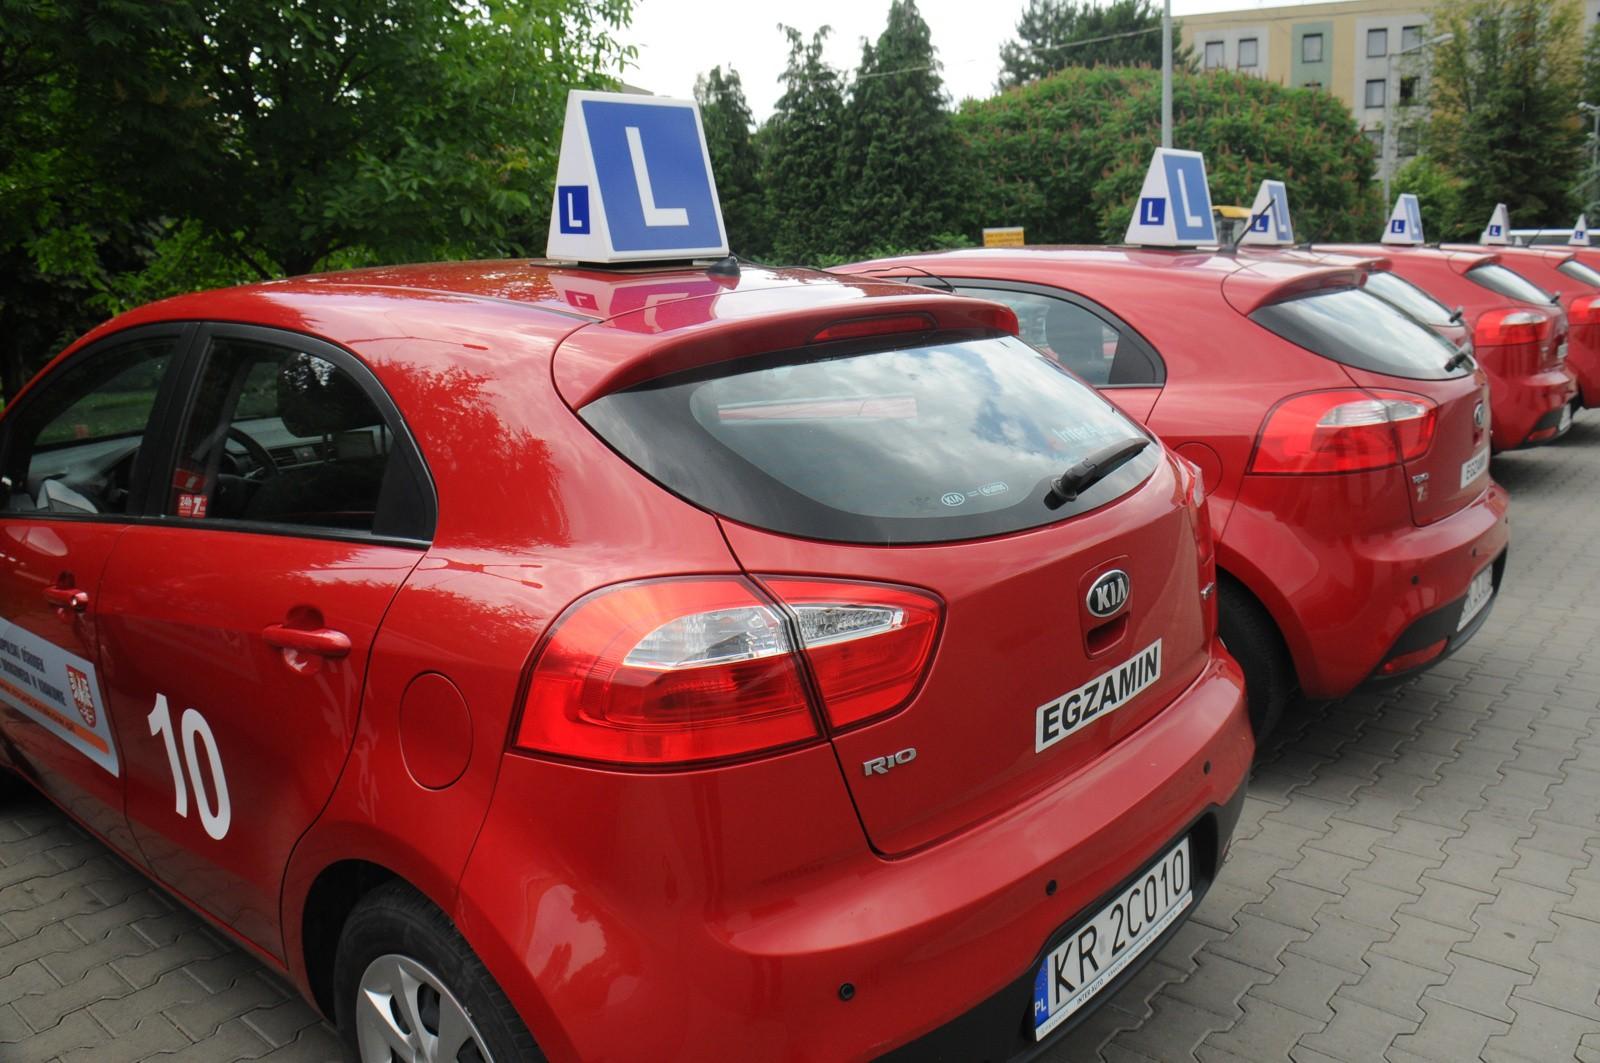 04529c30e55fd Obecnie w stolicy Małopolski egzaminy przeprowadzane są na 25 samochodach  marki. MORD kupił je dokładnie cztery lata temu. W tym roku wymienione mają  zostać ...